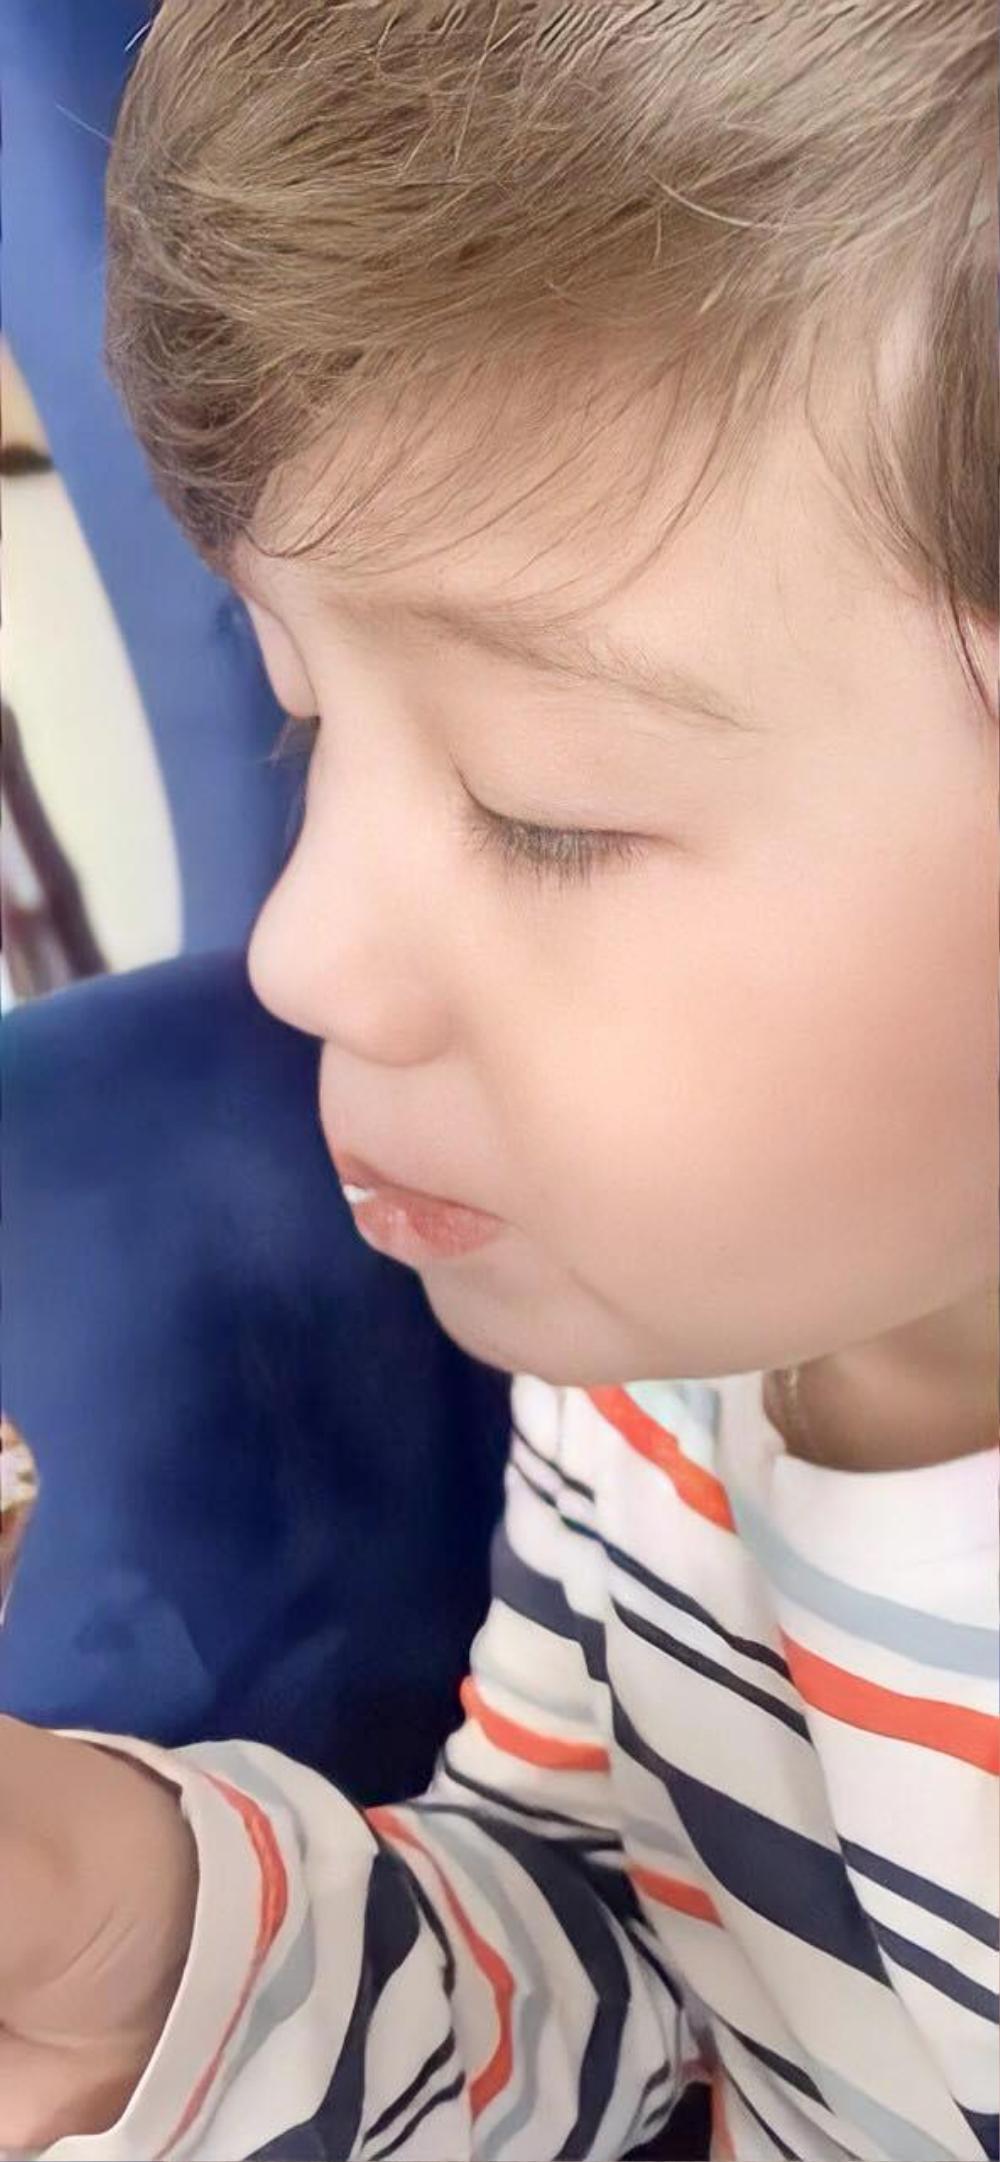 Elly Trần khoe góc nghiêng thần thánh của con trai khiến cư dân mạng phát sốt Ảnh 4